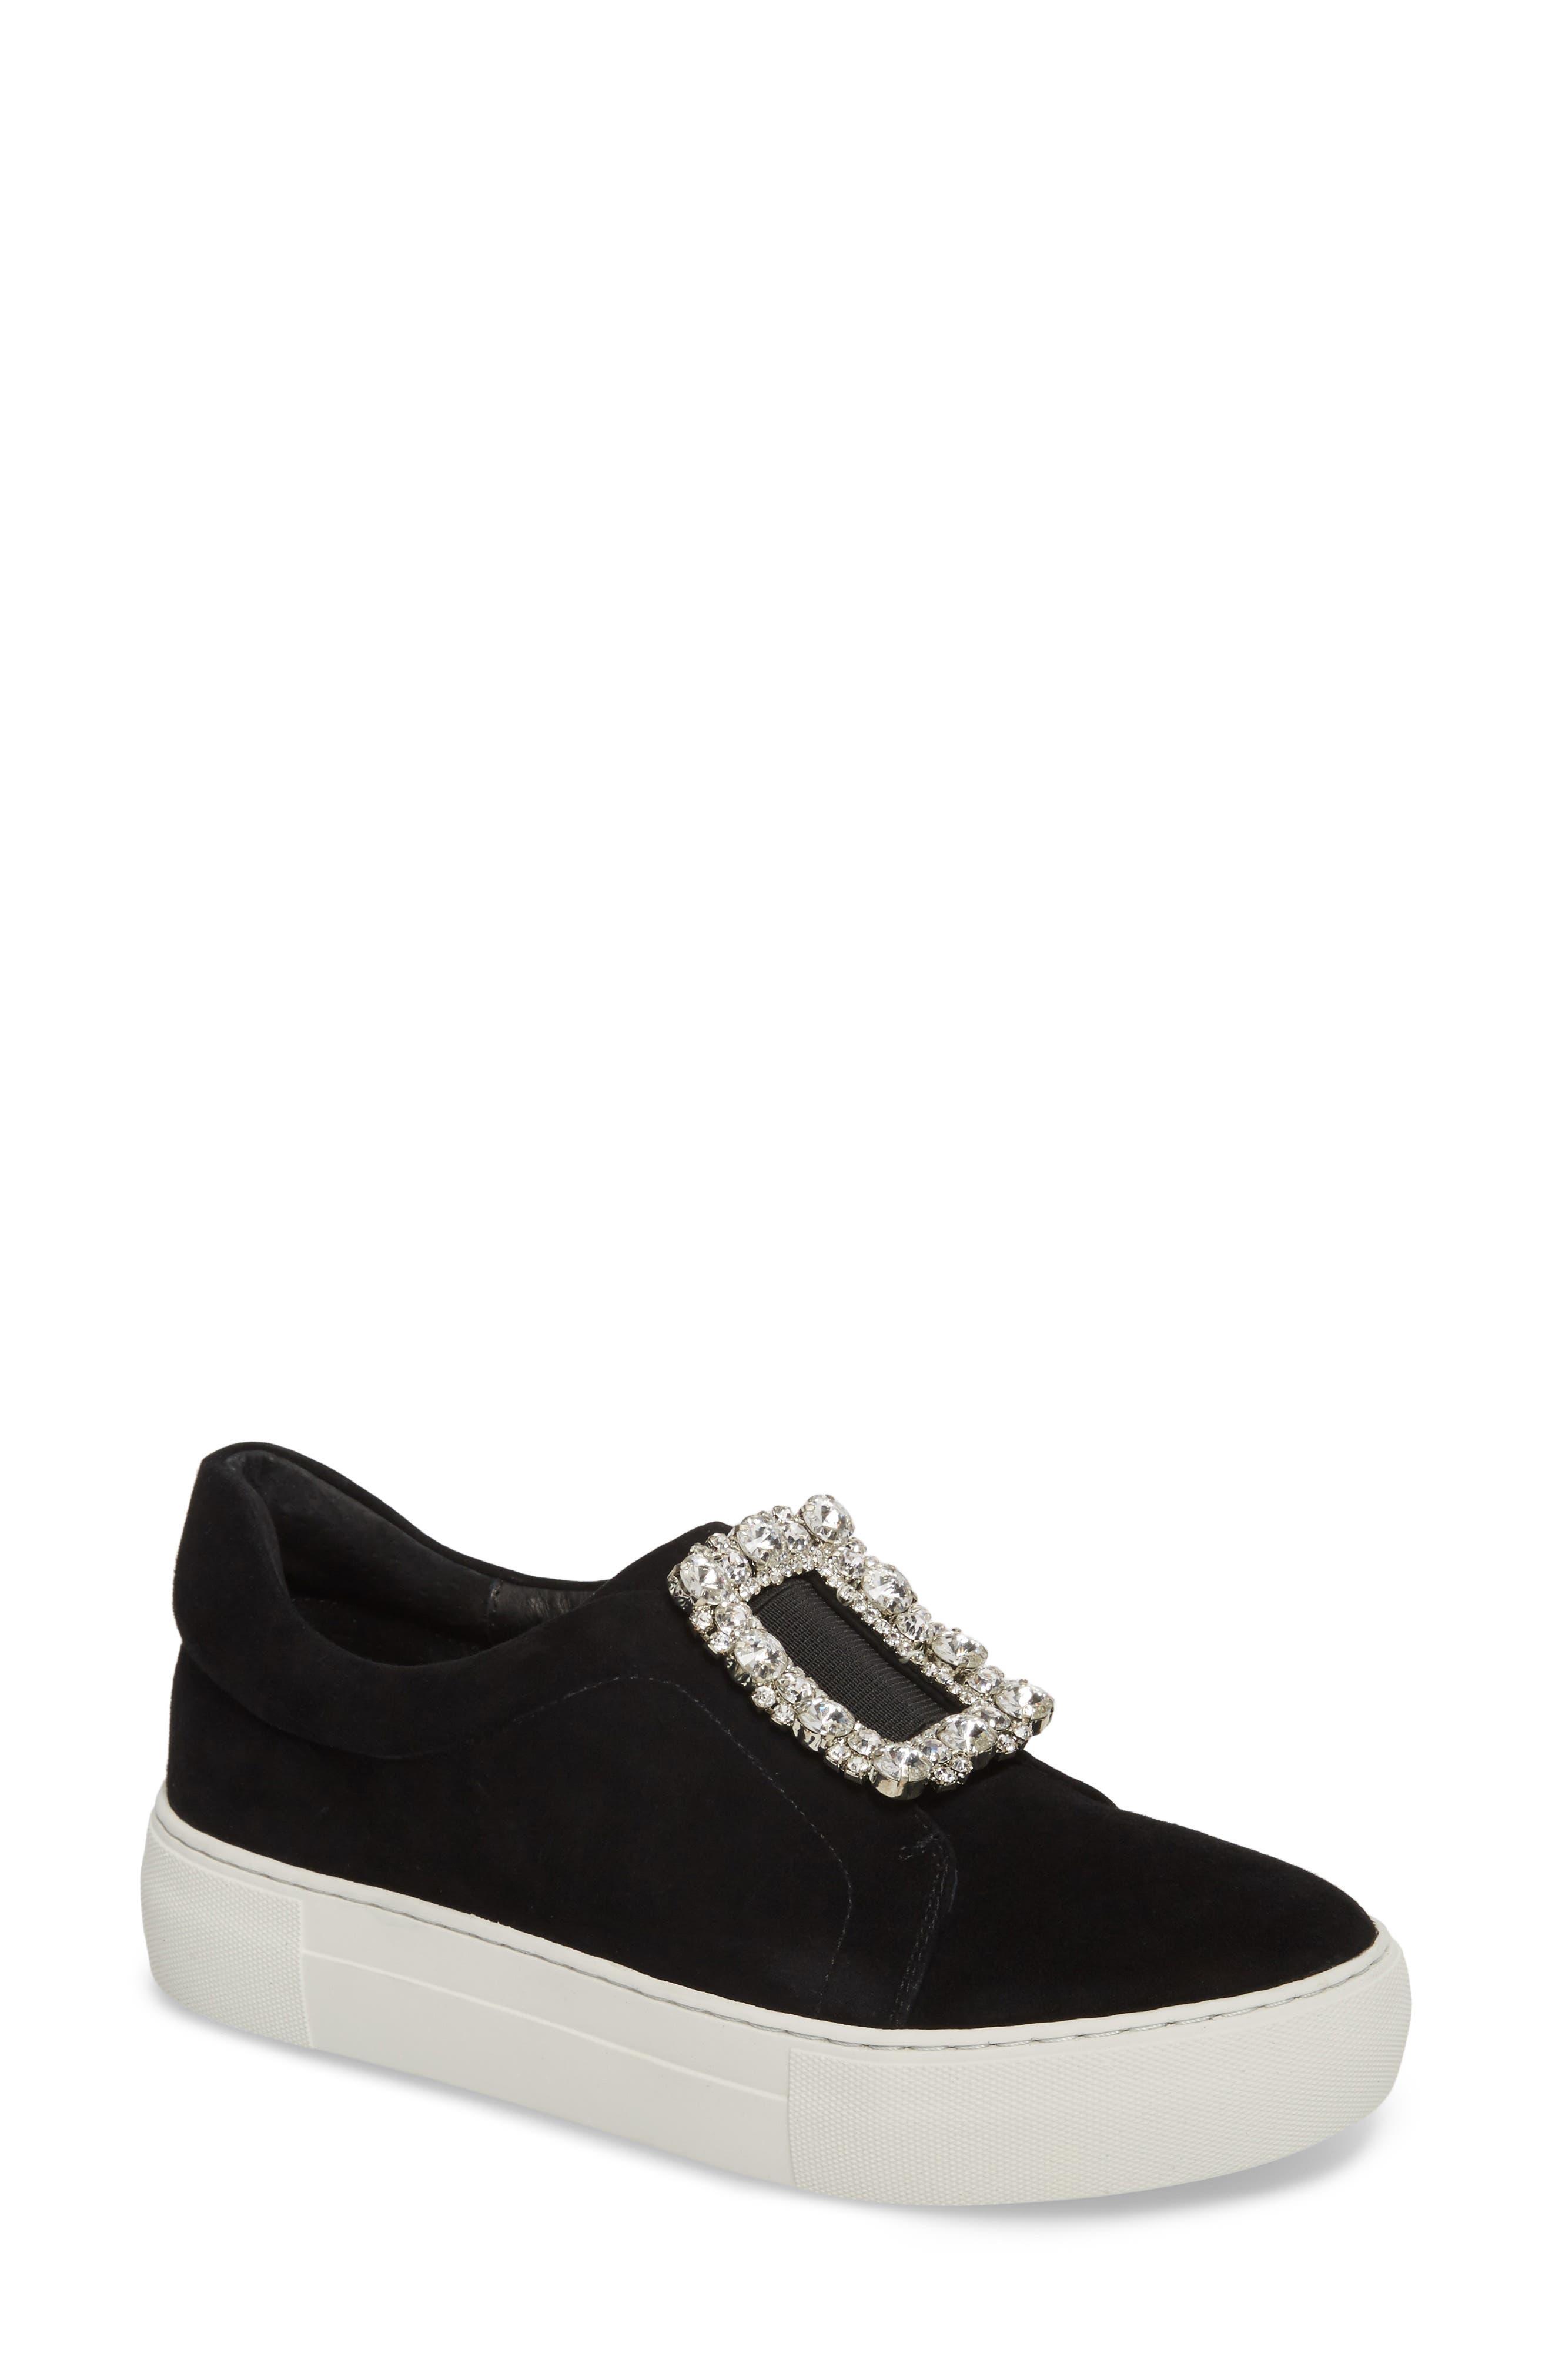 Alternate Image 1 Selected - JSlides Abode Embellished Buckle Platform Sneaker (Women)